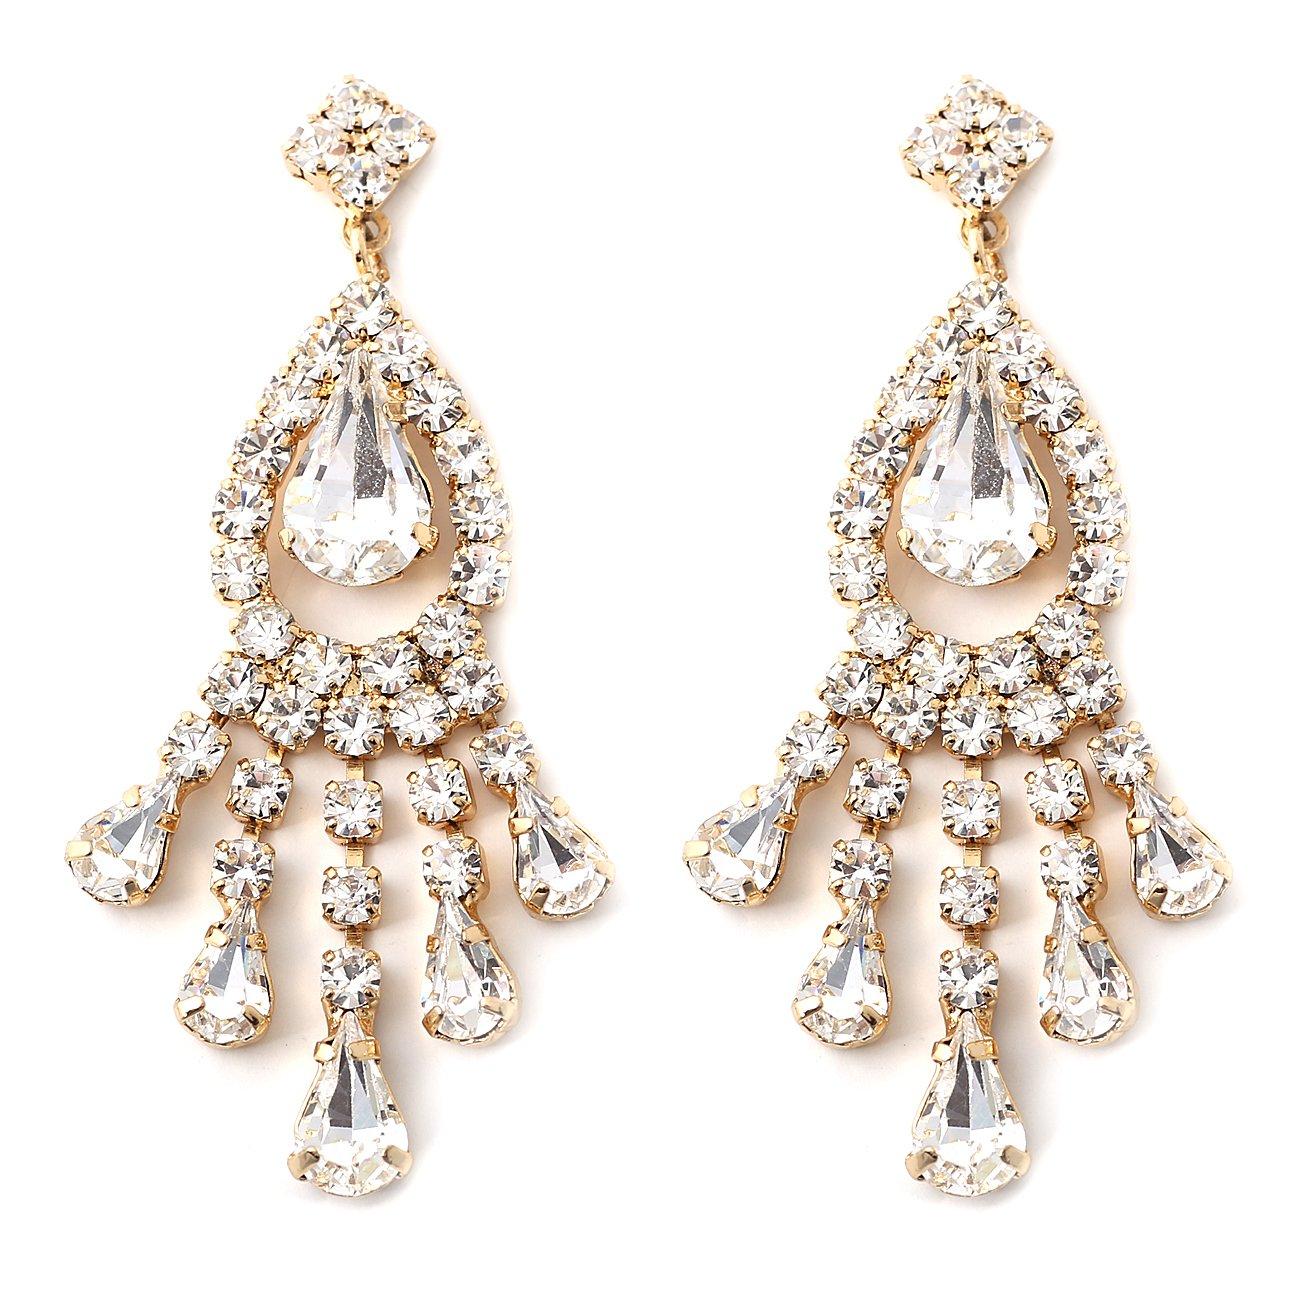 Amazon.com: Silver Aurora Borealis Rhinestone Chandelier Drop Dangle Earrings: Chandelier Earrings Wedding: Jewelry